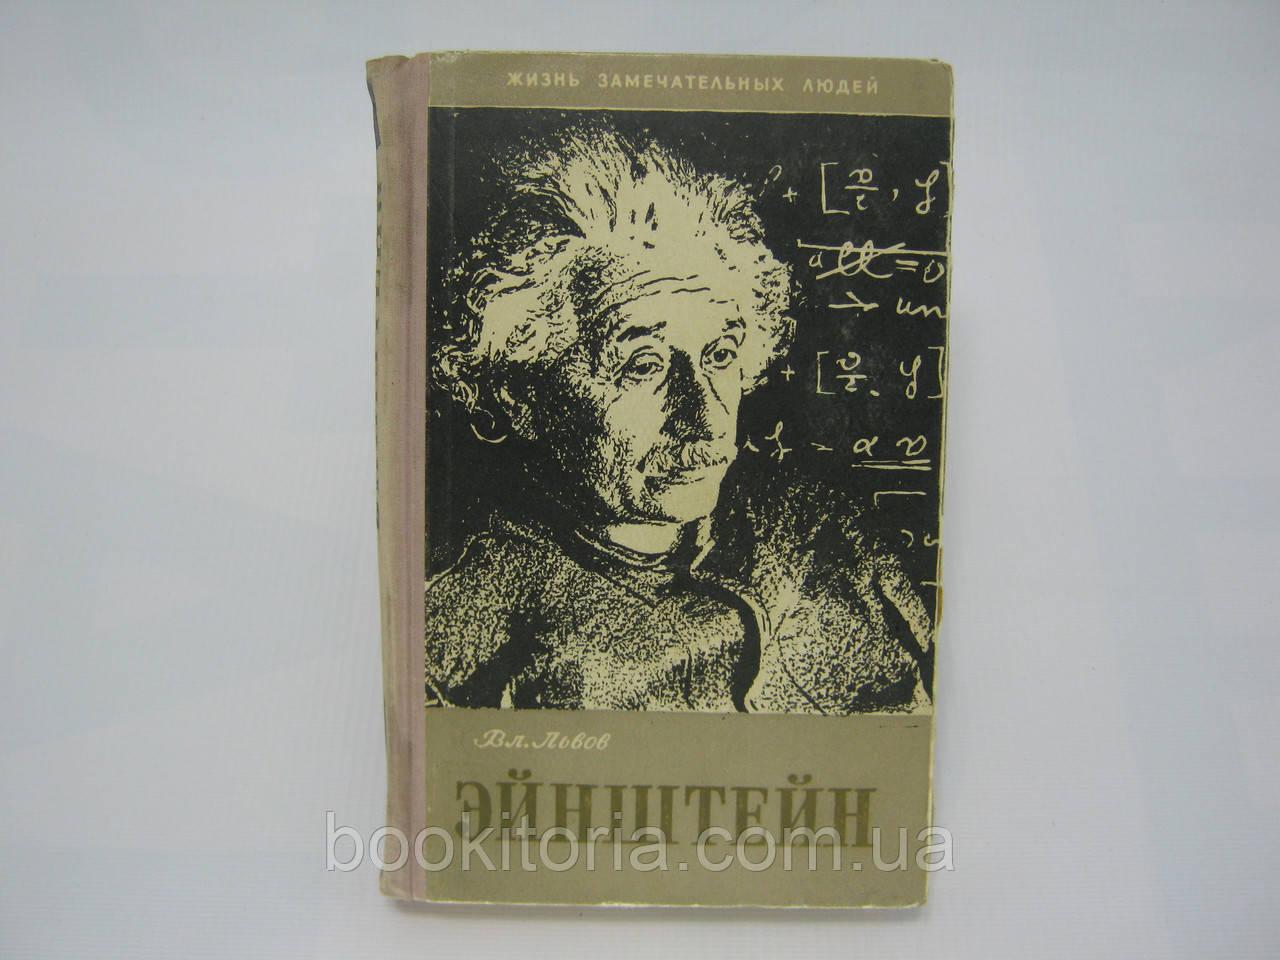 Львов В. Жизнь Альберта Эйнштейна (б/у).